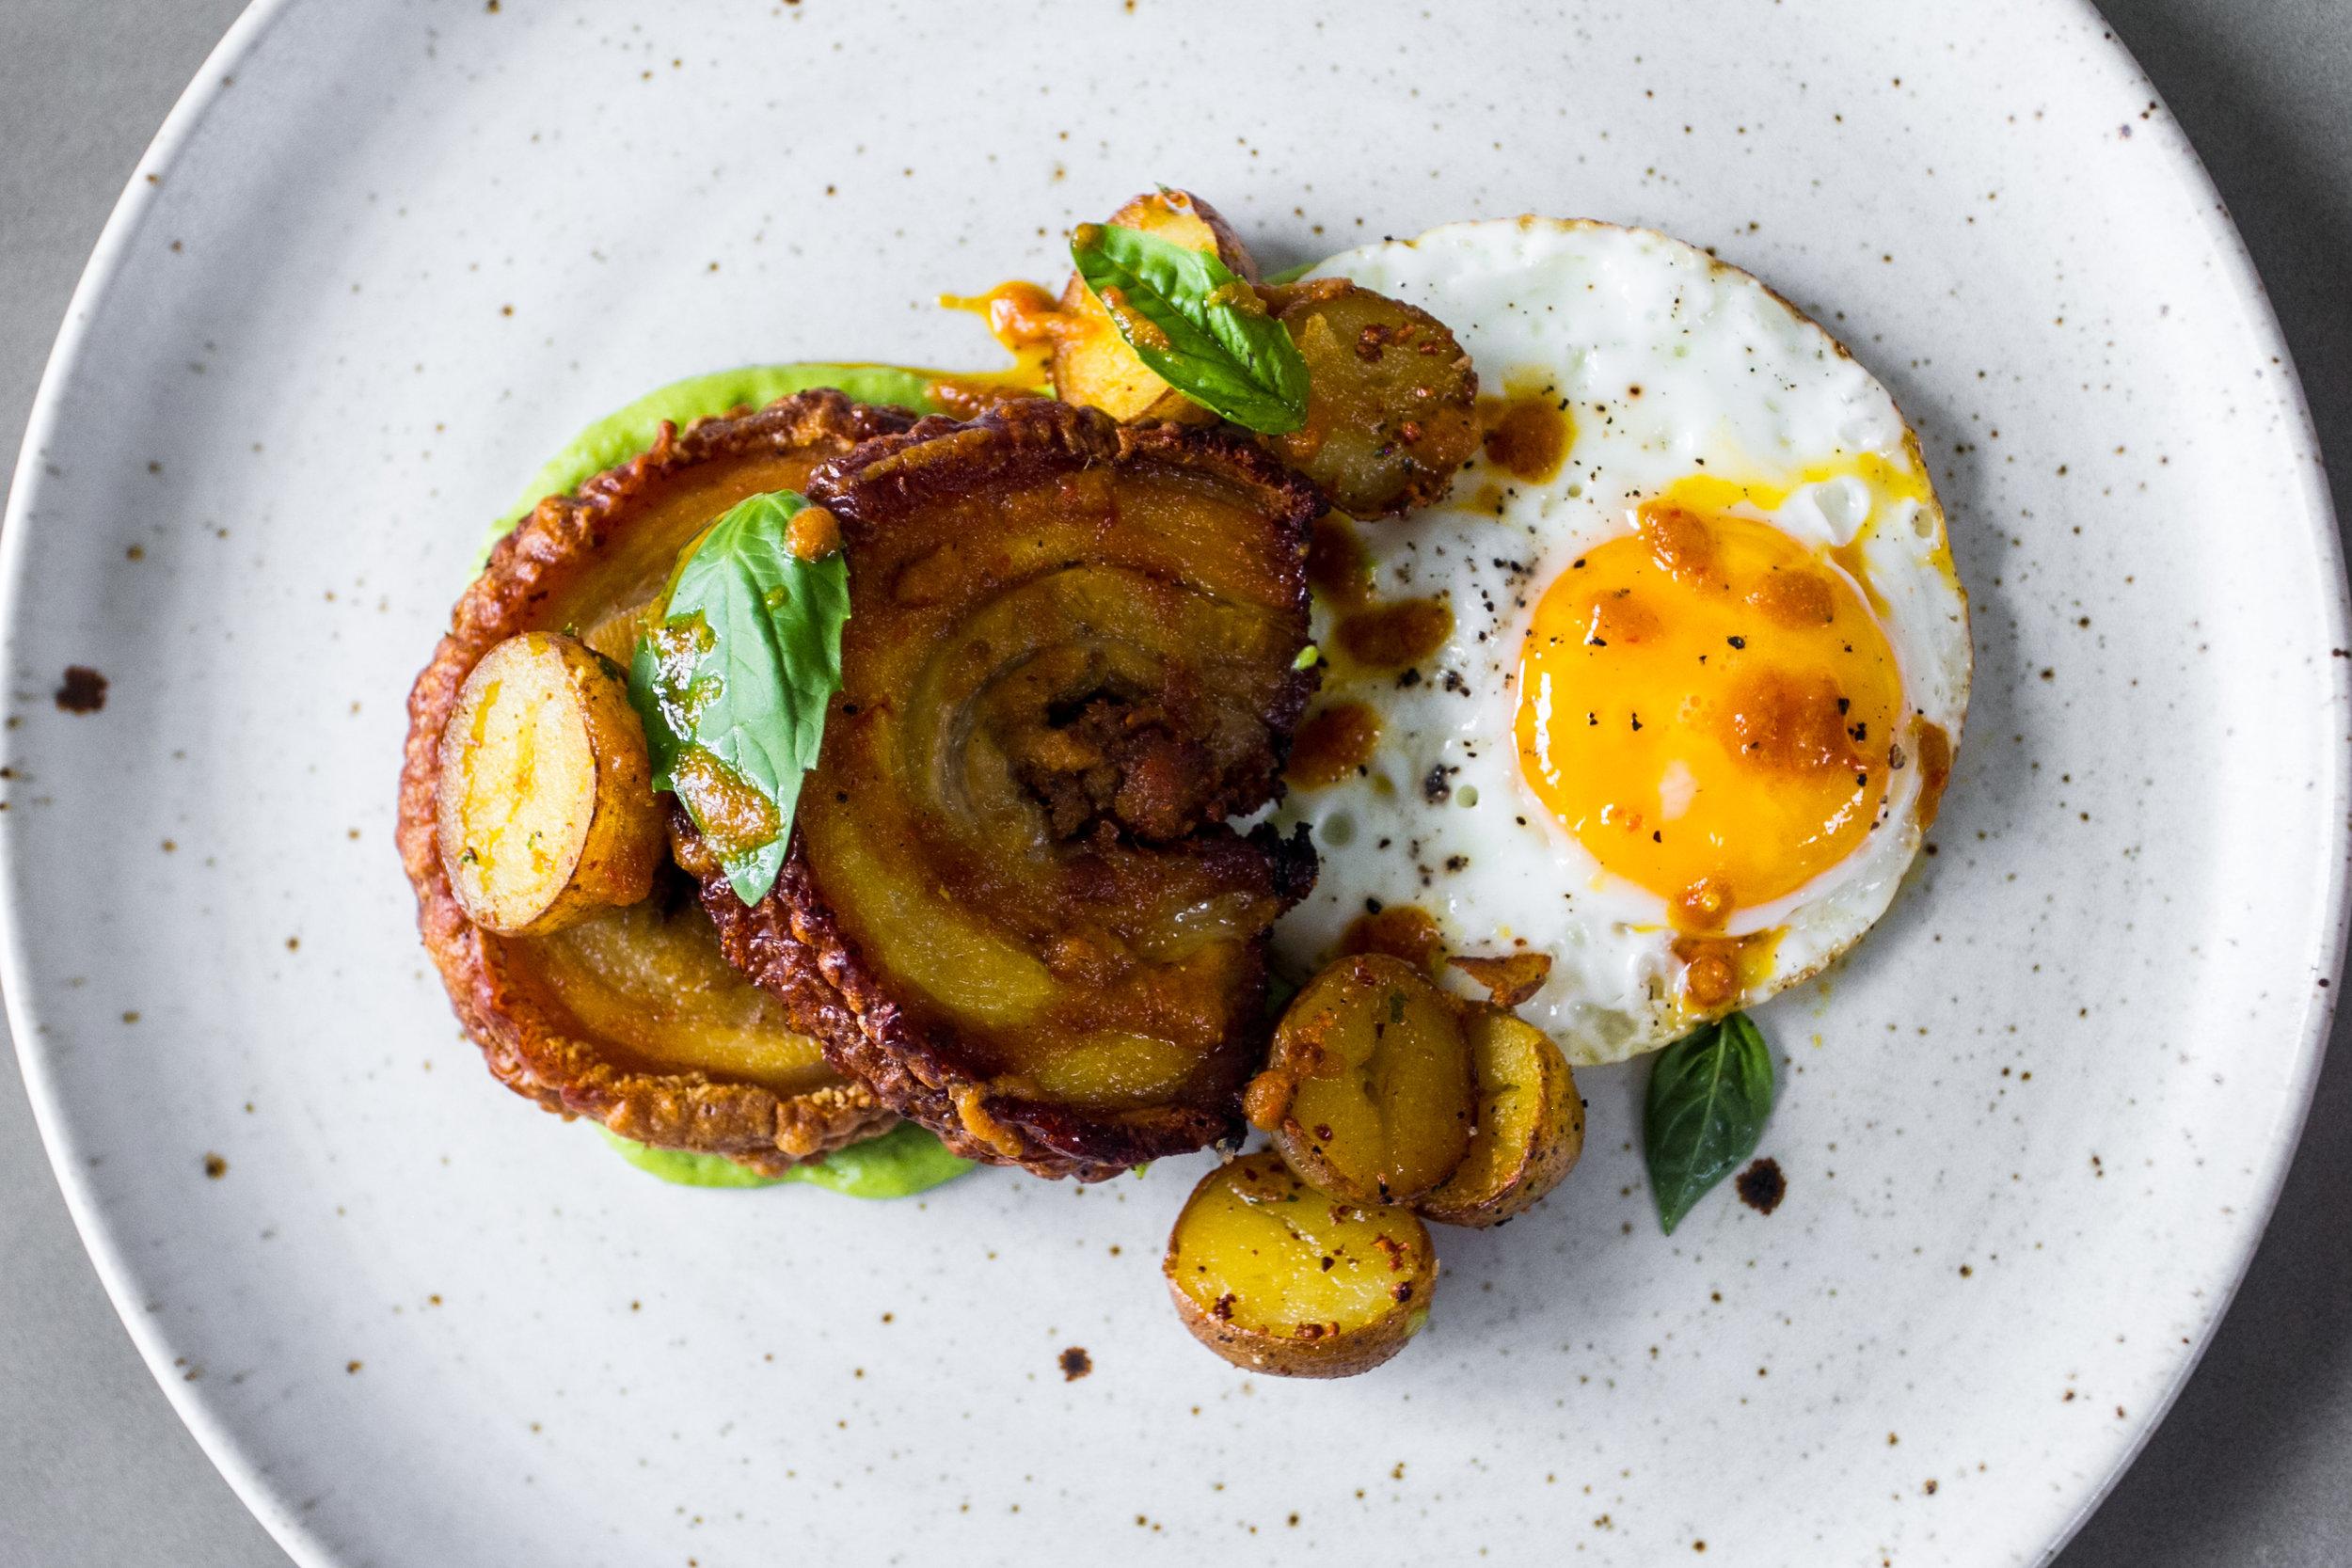 porchetta_egg_fullcircle_ubud_bali_gianyar